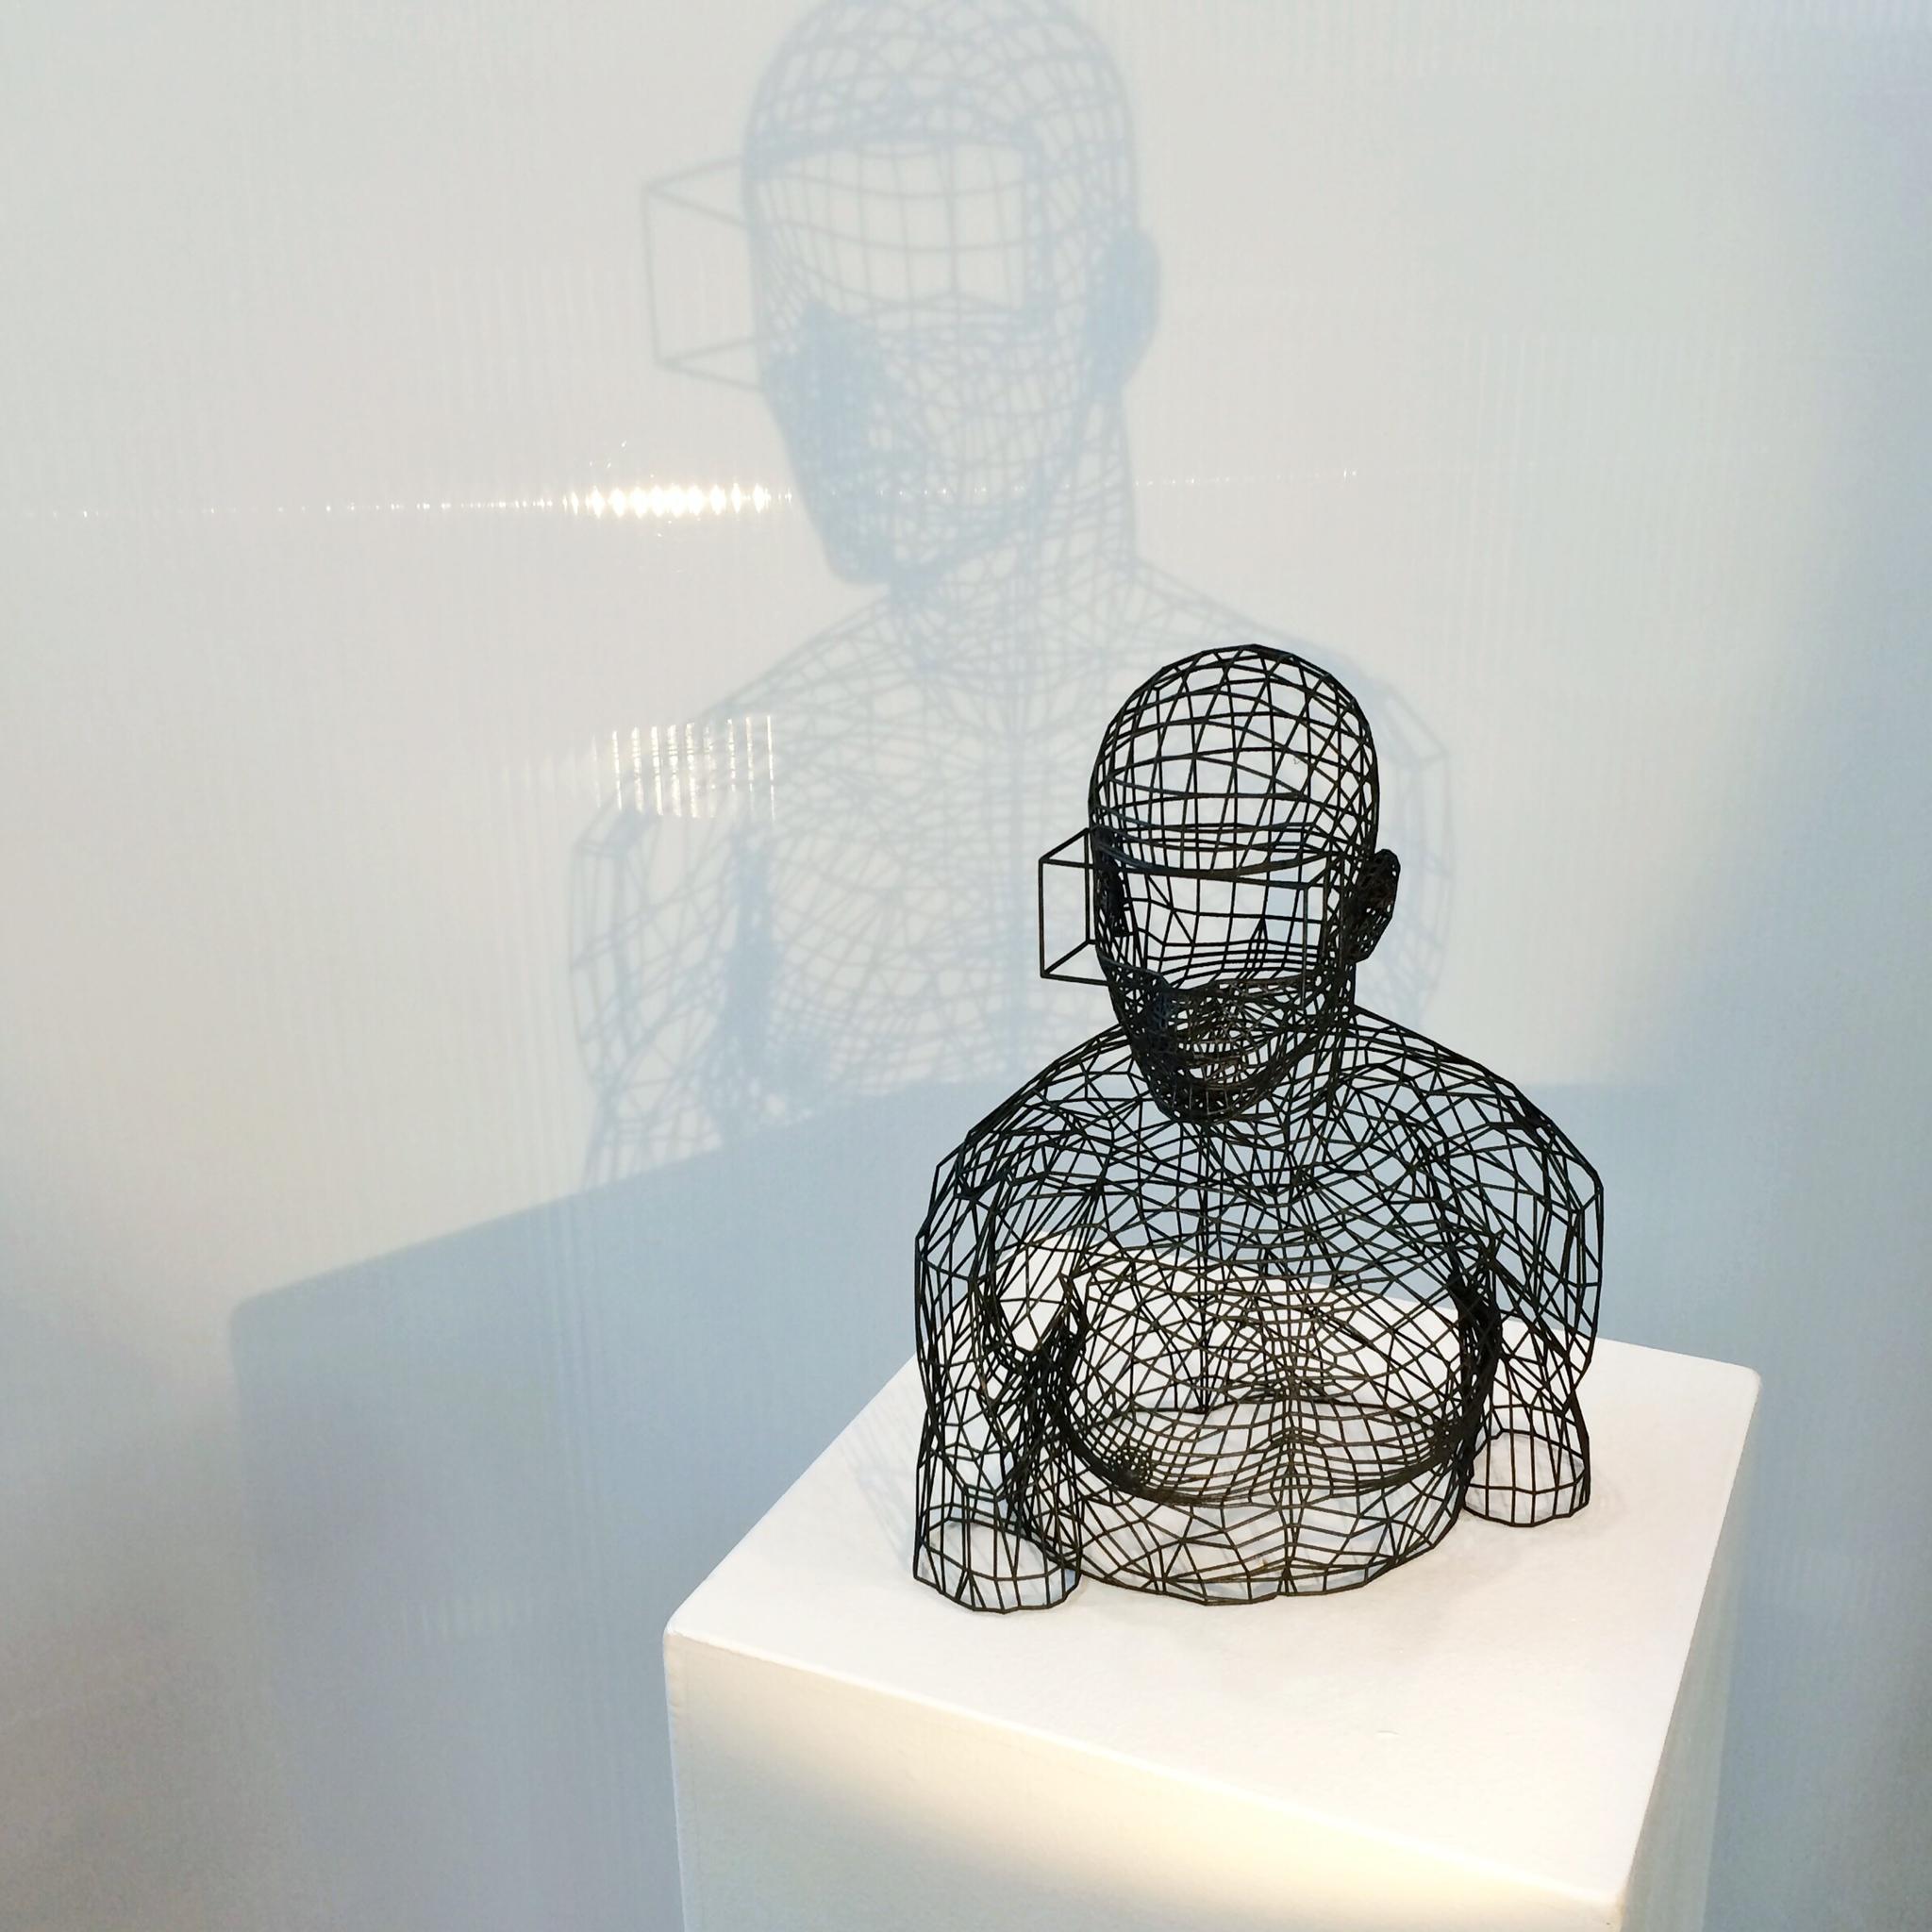 Lob des Schattens - Weissensee  Kunsthochschule Berlin